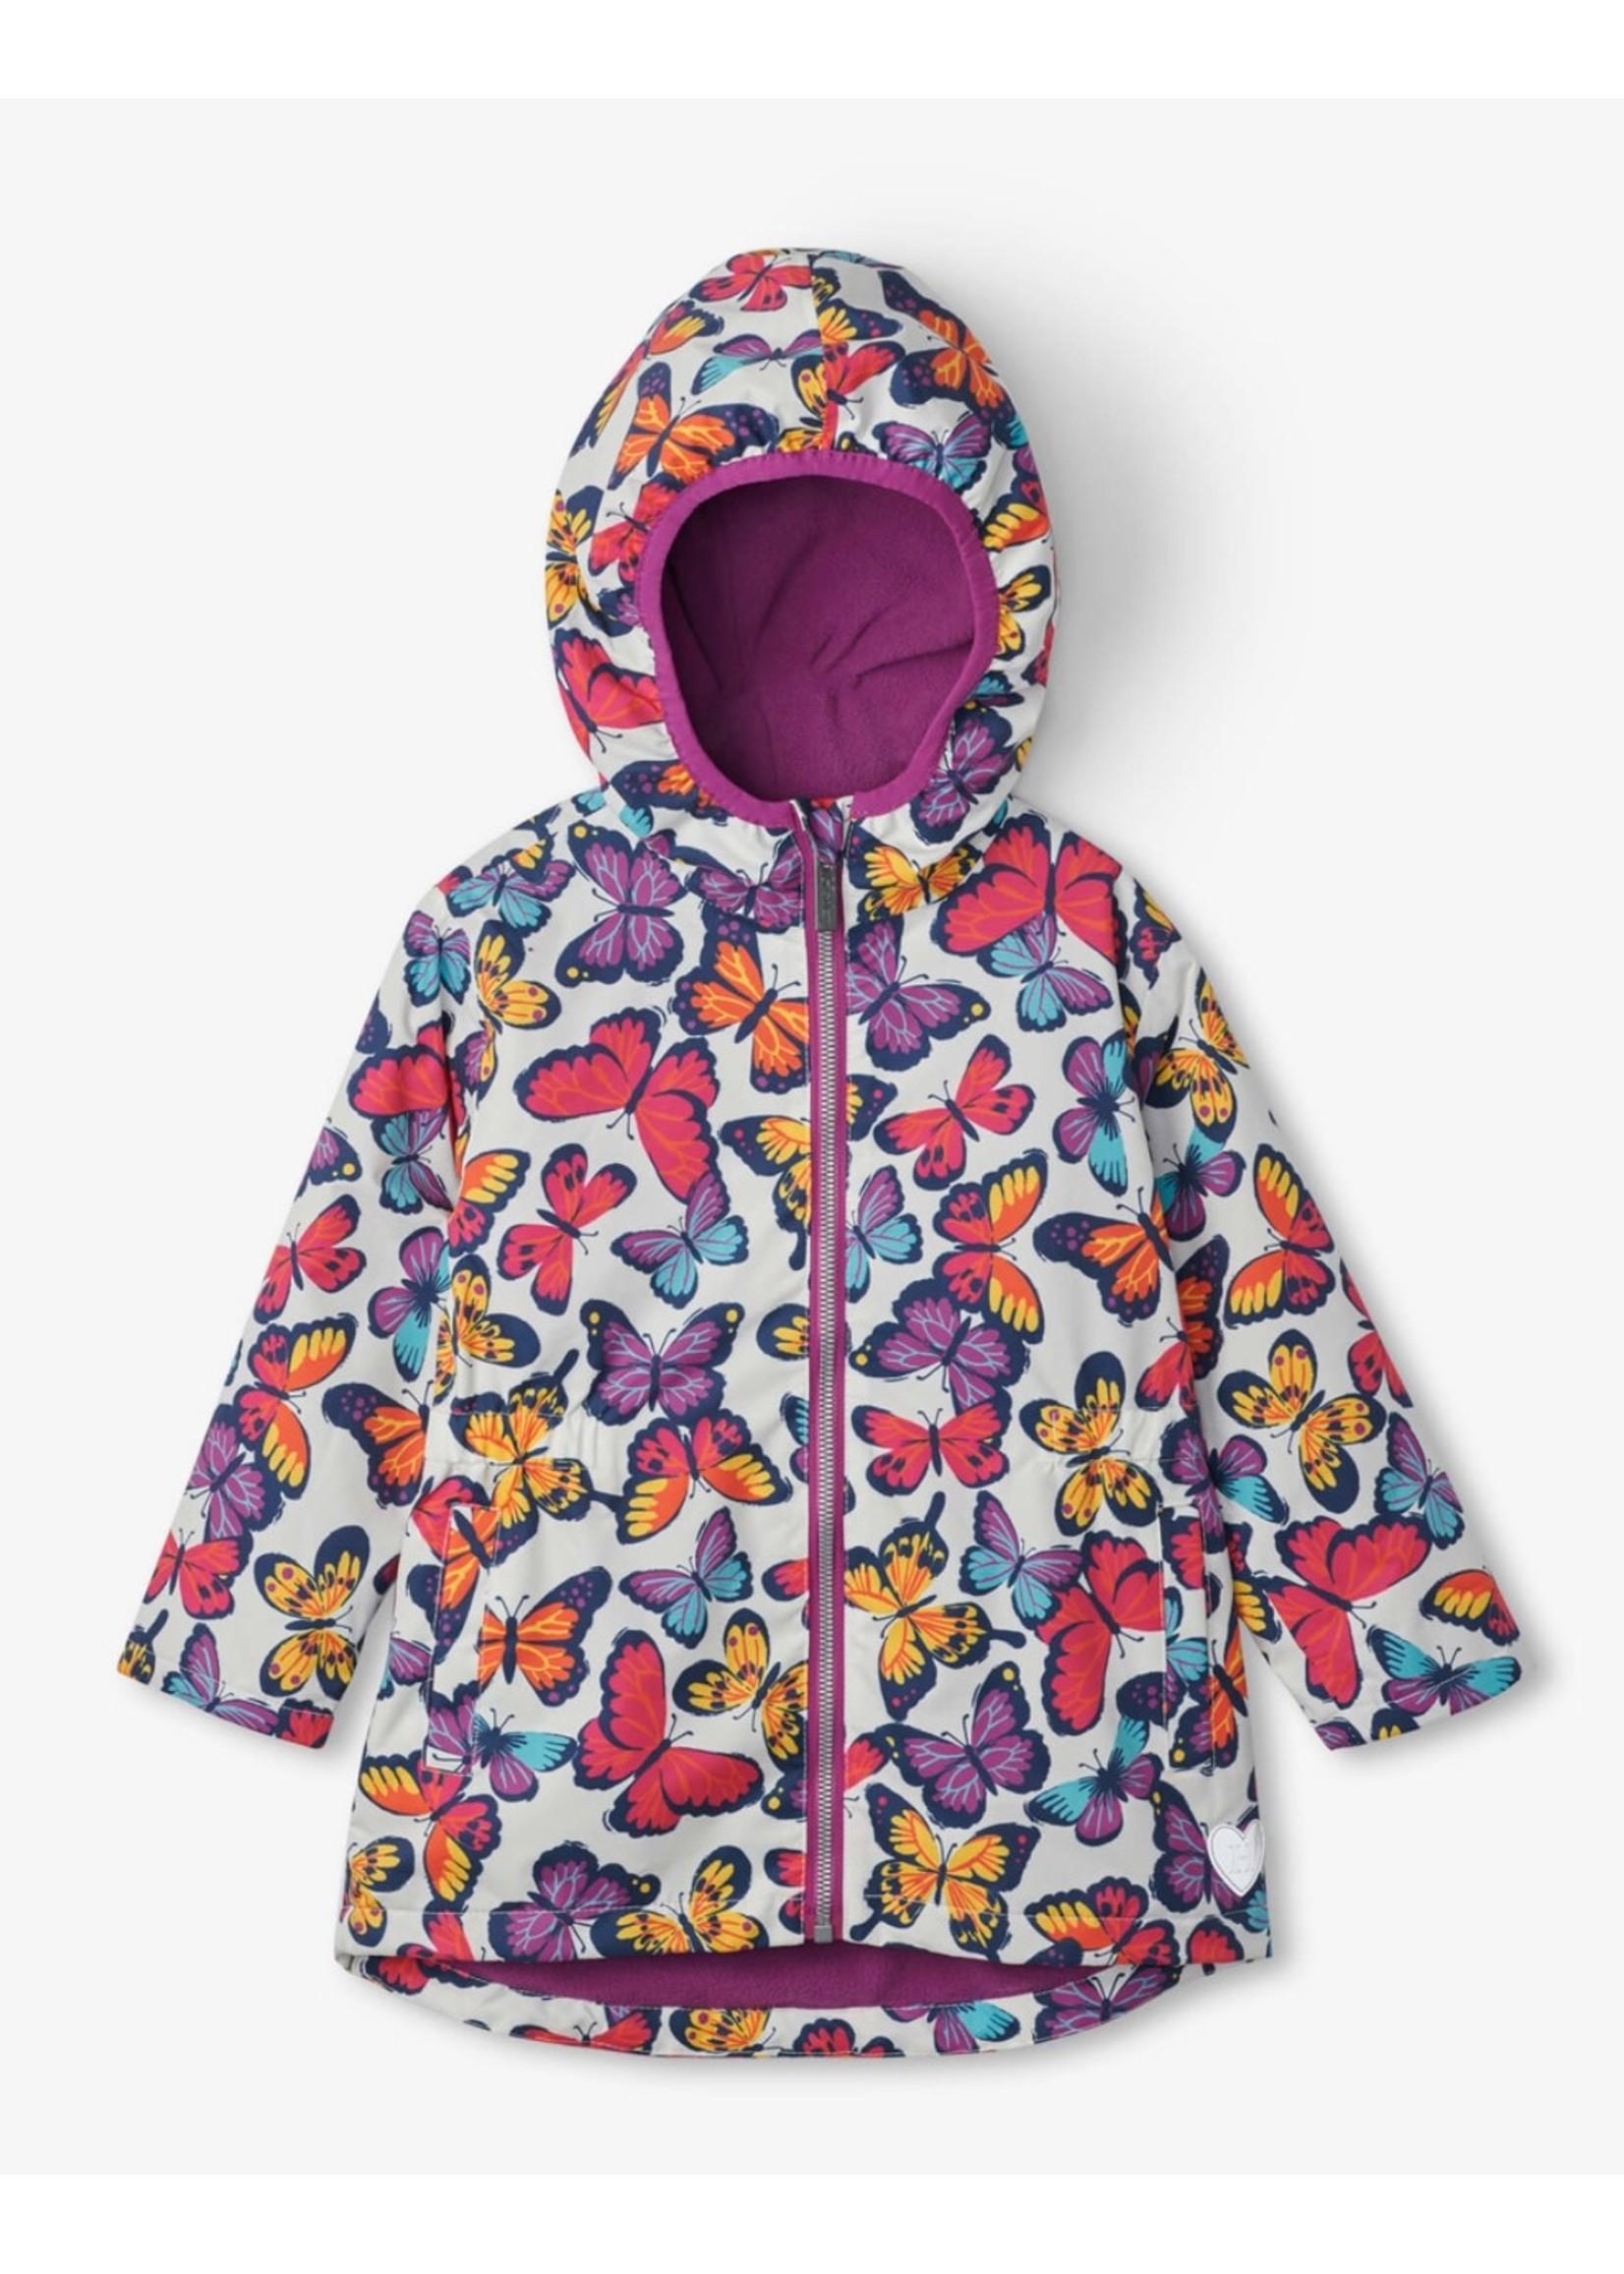 Hatley Hatley, Kaleidoscope Butterflies Microfleece Lined Jacket